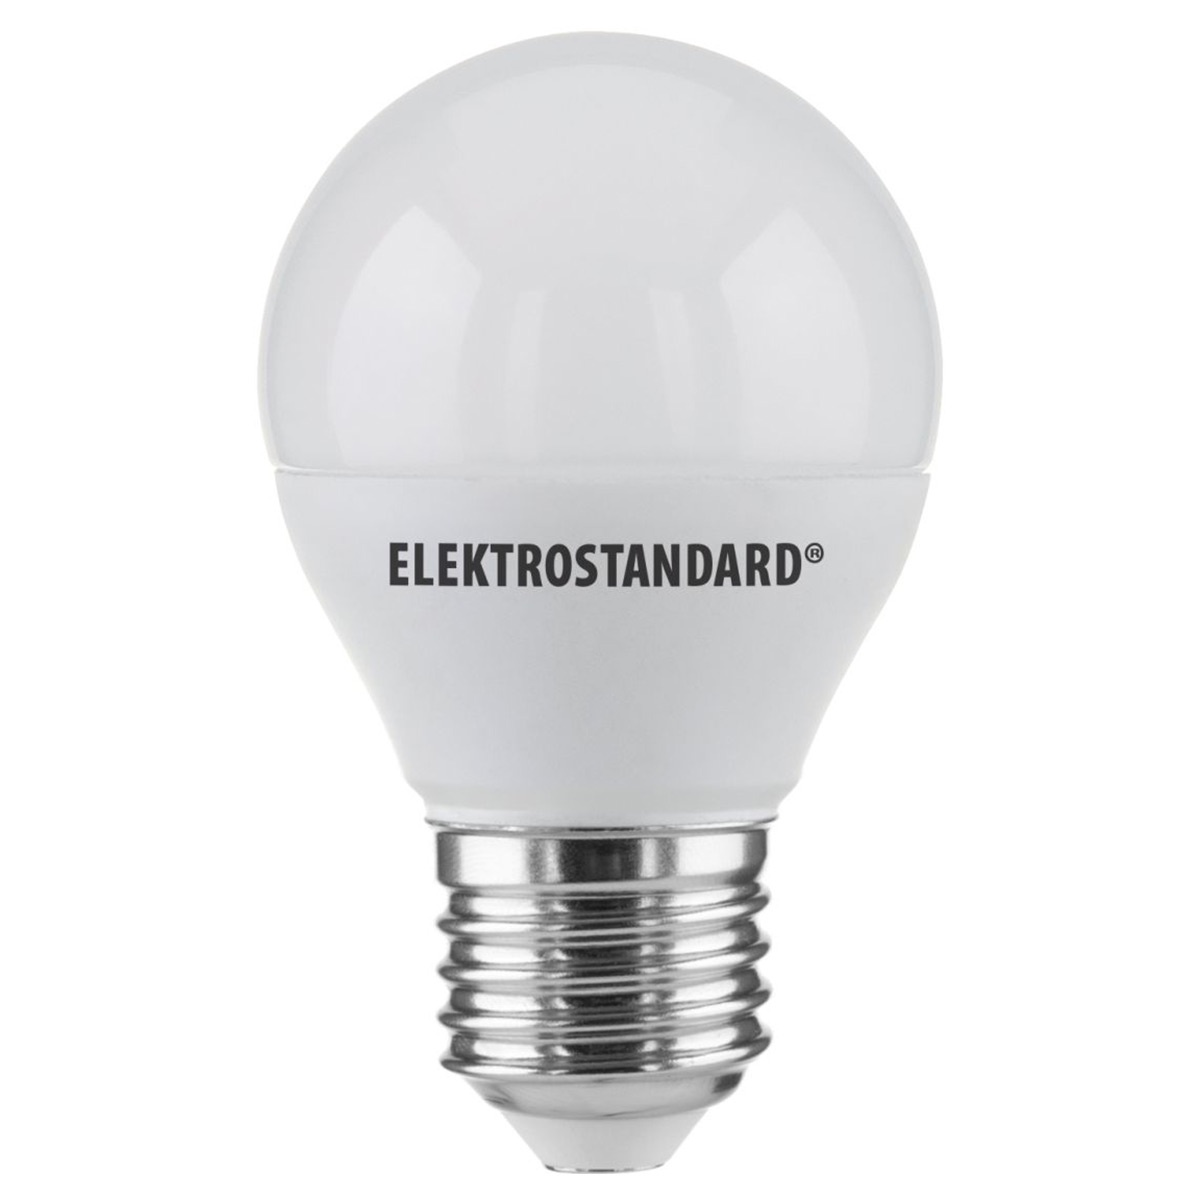 Лампочка Elektrostandard светодиодная Mini Classic LED 7W 4200K E27 матовое стекло, Нейтральный свет 7 Вт, Светодиодная лампы светодиодная elektrostandard classic led d 7w 4200k e27